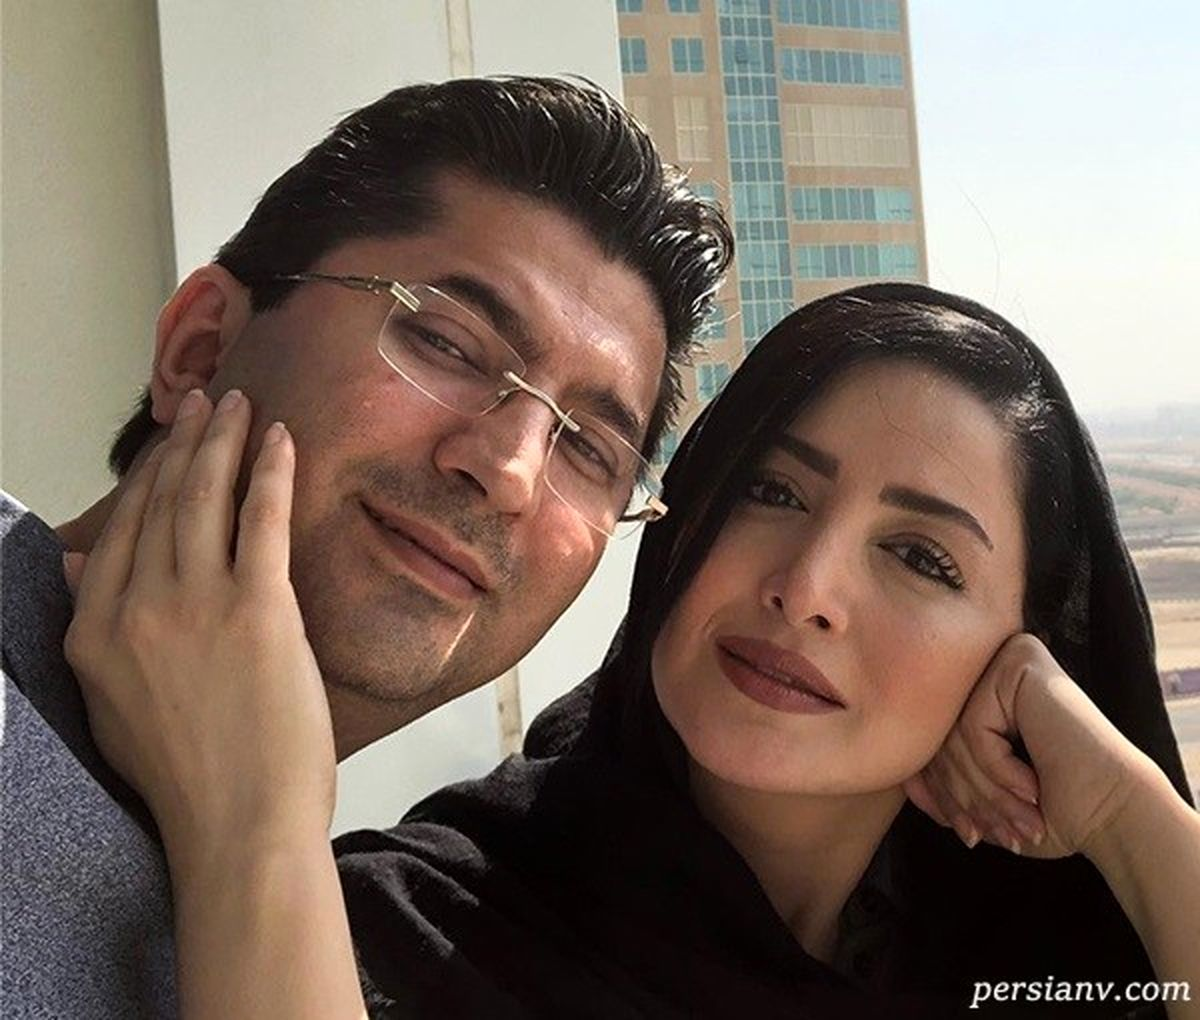 لباس راحتی شیلا خداداد و همسرش در خانه لاکچری + عکس دونفره